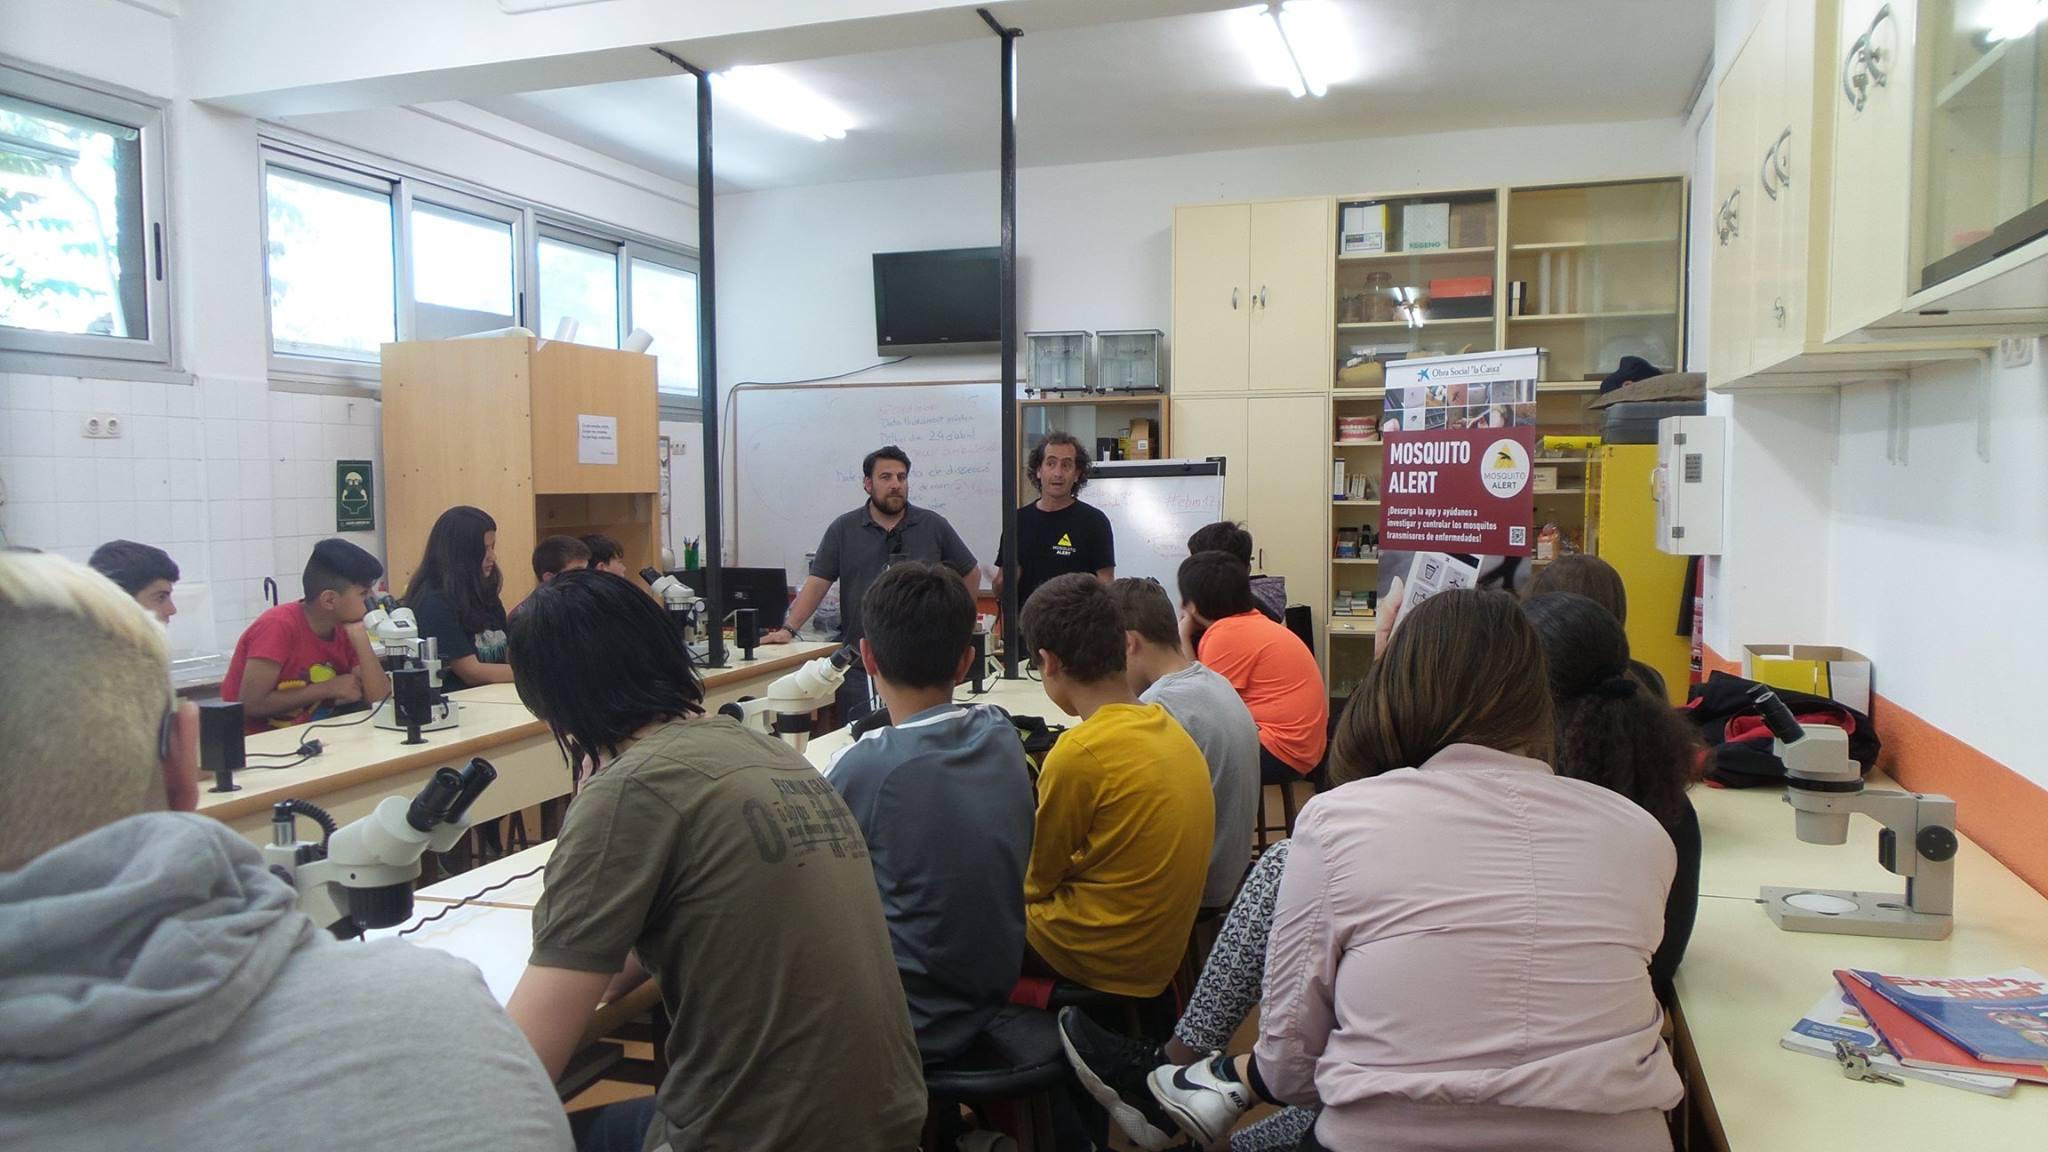 Programa educativo en las escuelas con la visita de Tomás Montalvo. Foto: ASPB